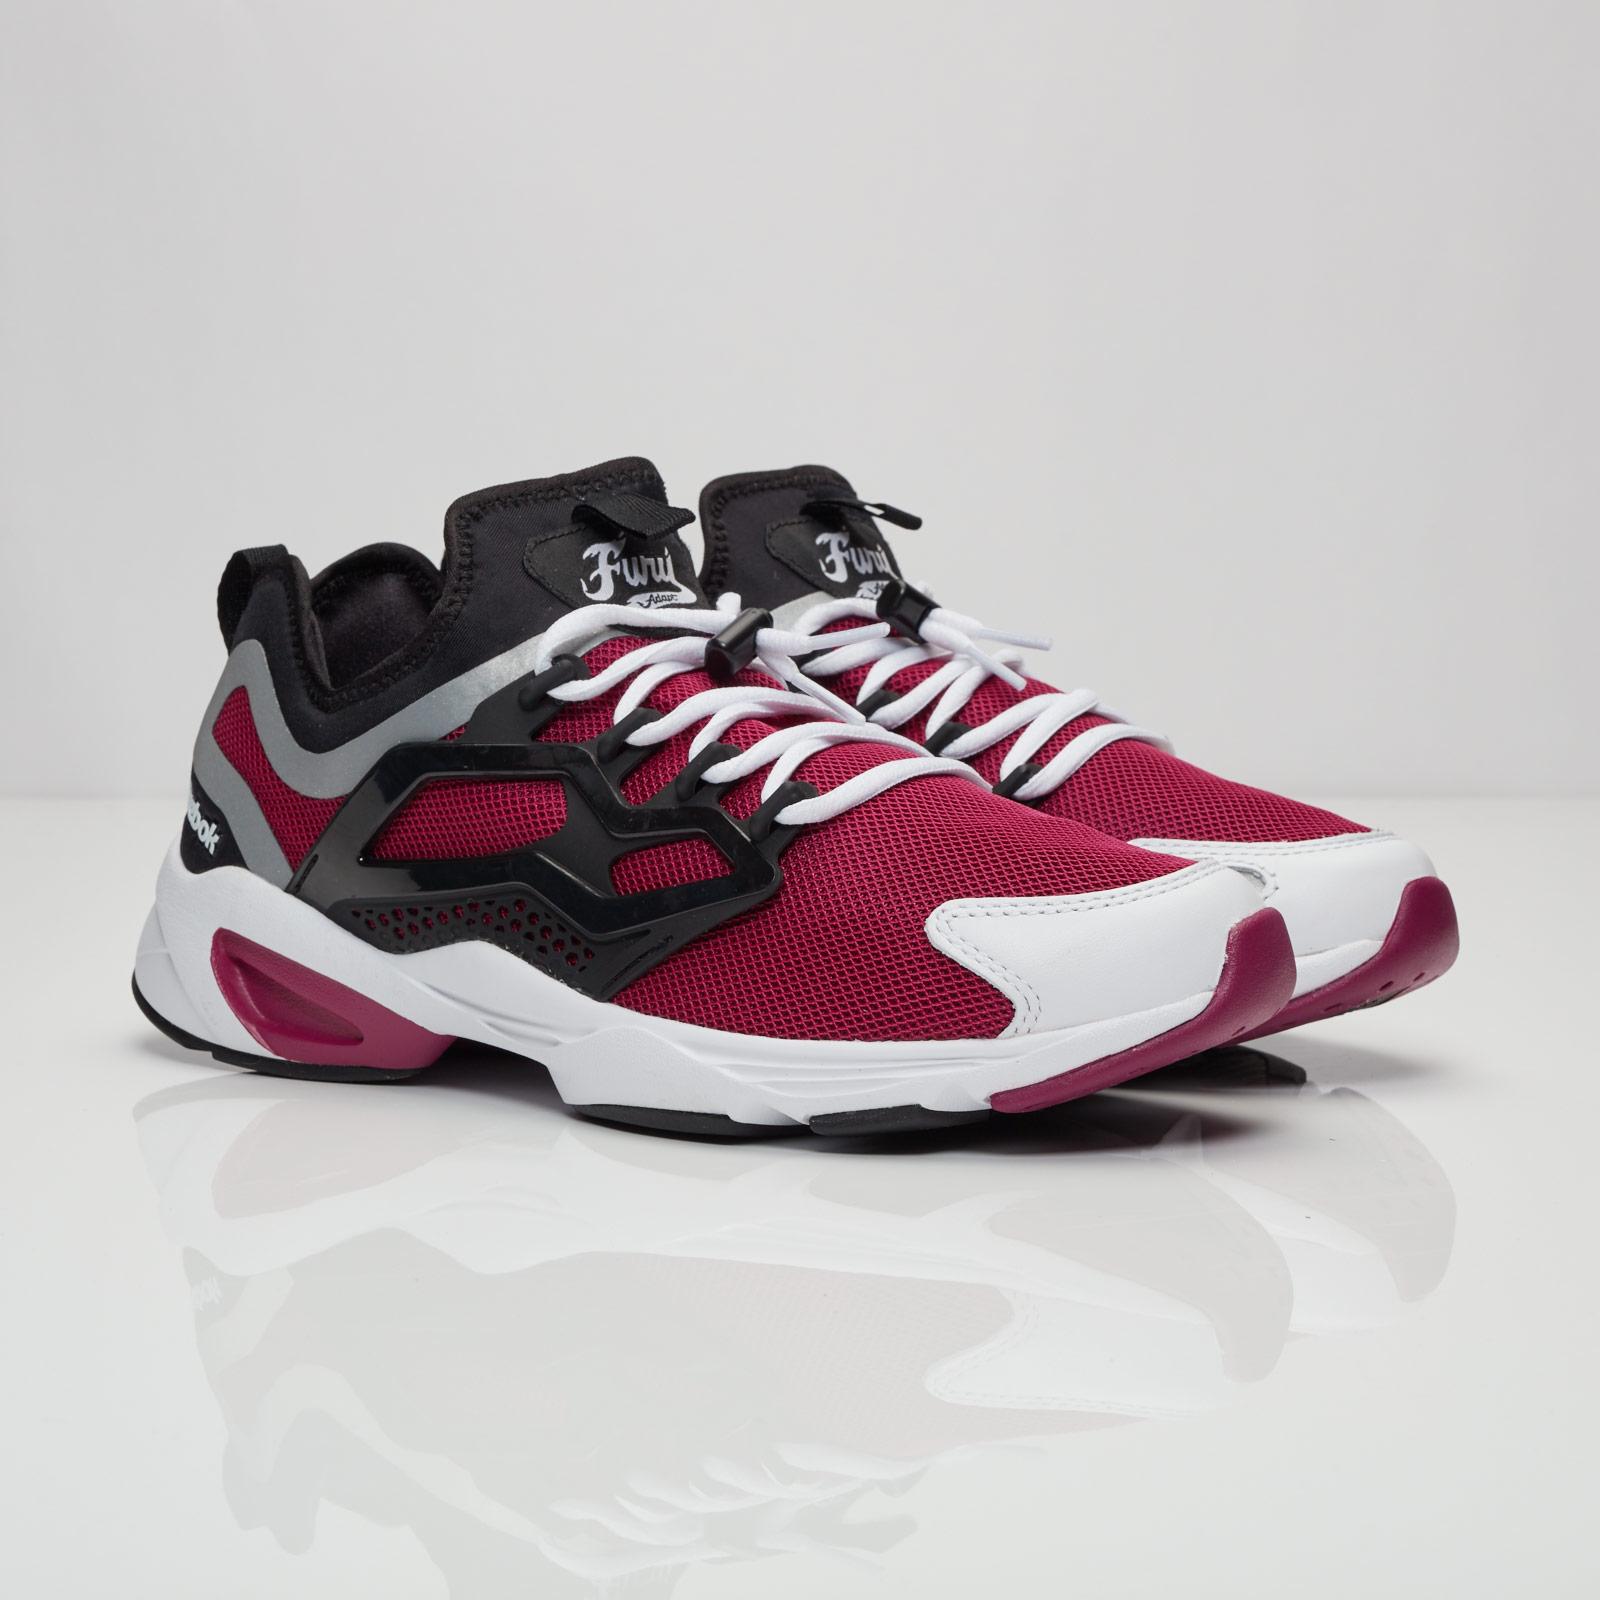 Reebok Fury Adapt - Ar2624 - Sneakersnstuff  db3759b54